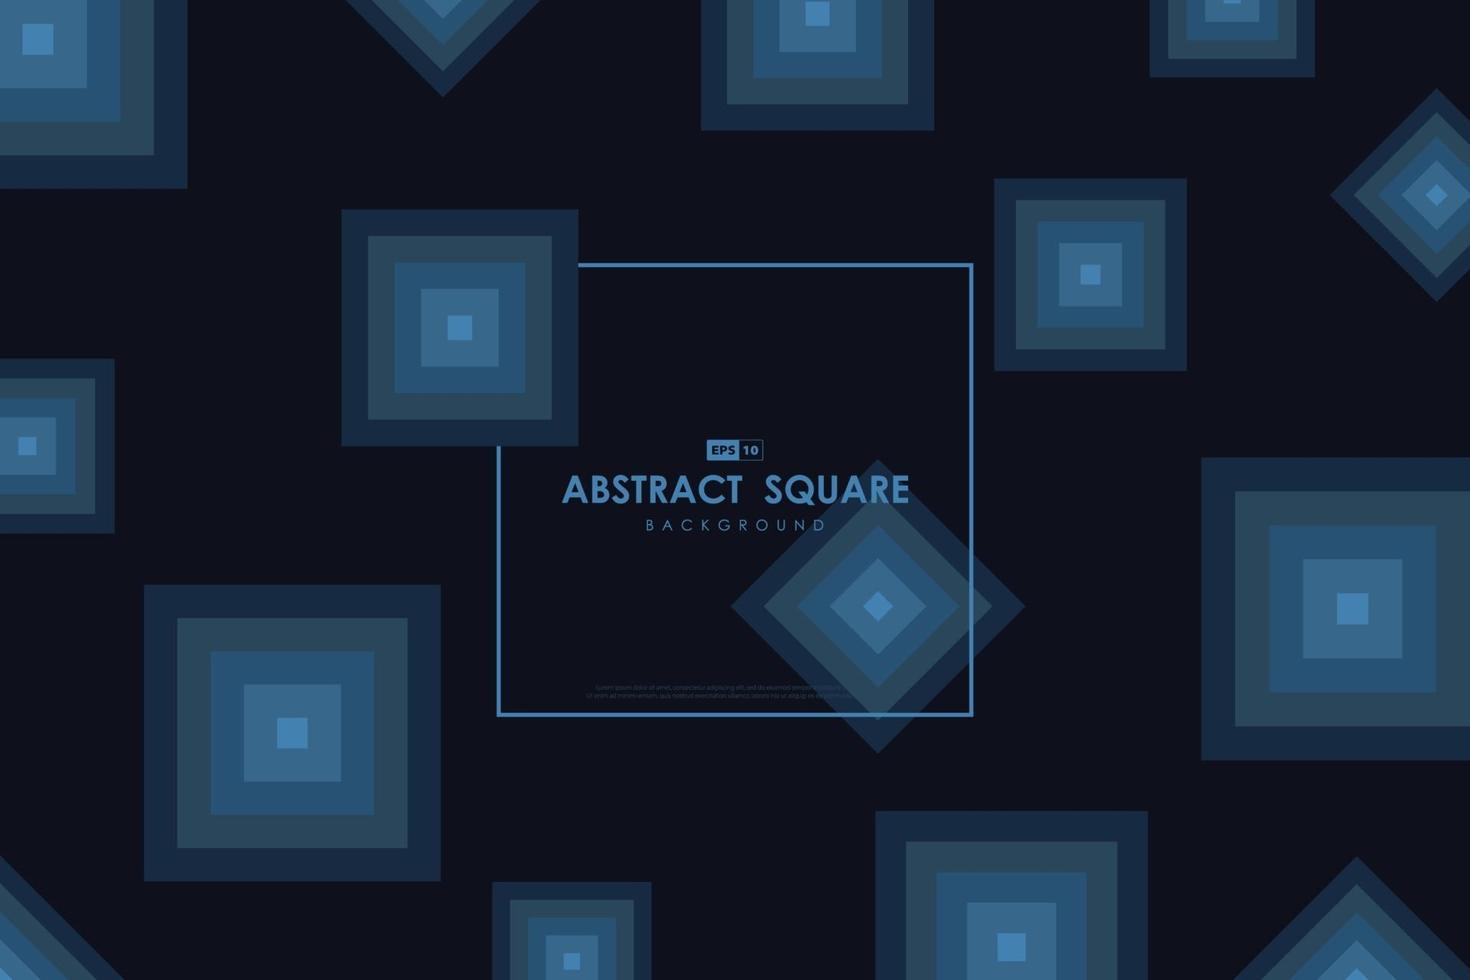 fondo di progettazione del manifesto del materiale illustrativo del modello quadrato minimo astratto blu. illustrazione vettoriale eps10